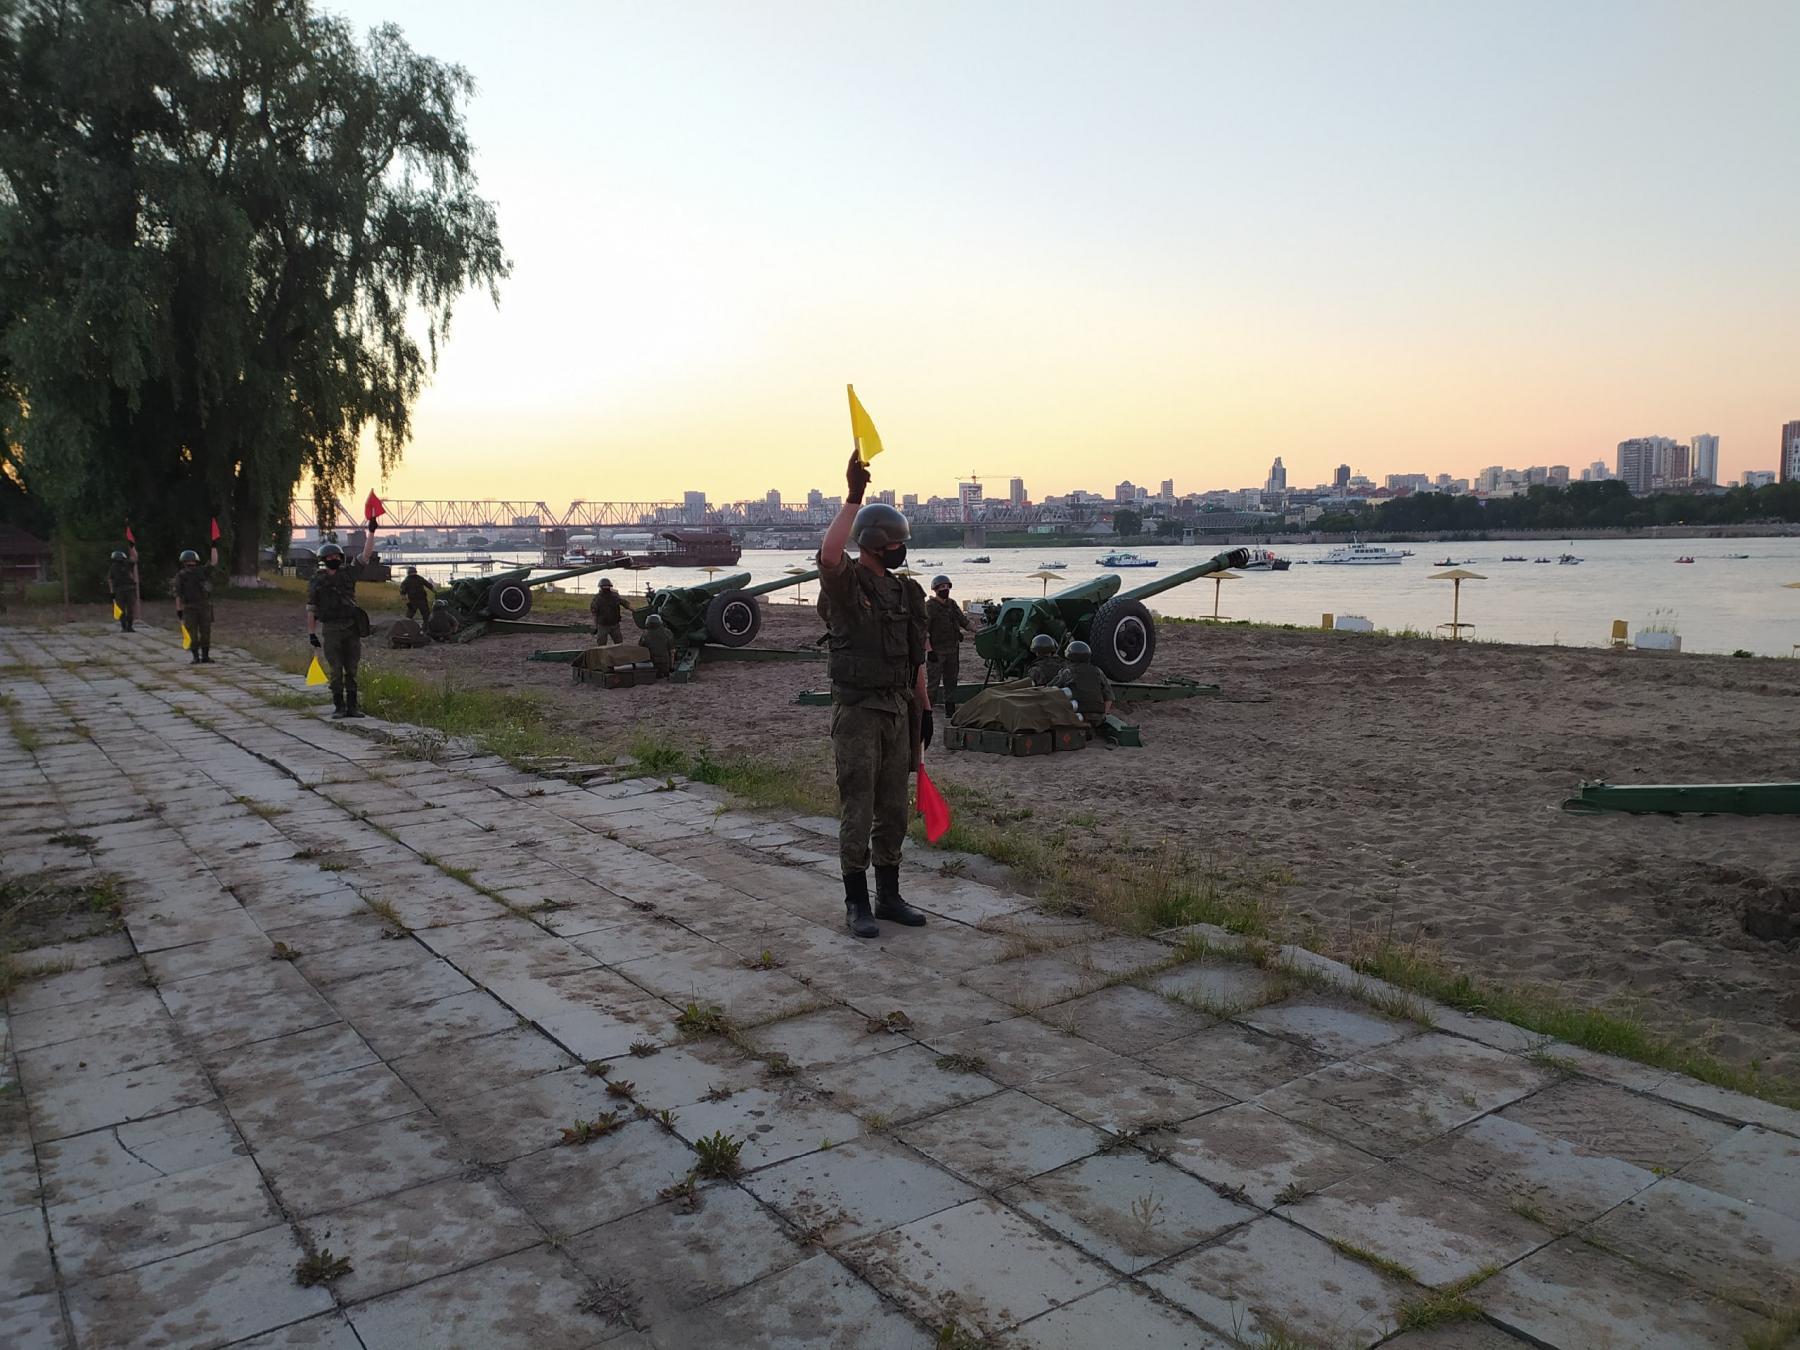 фото Обратная сторона салюта: как готовили фейерверк в Новосибирске и кто стрелял 6